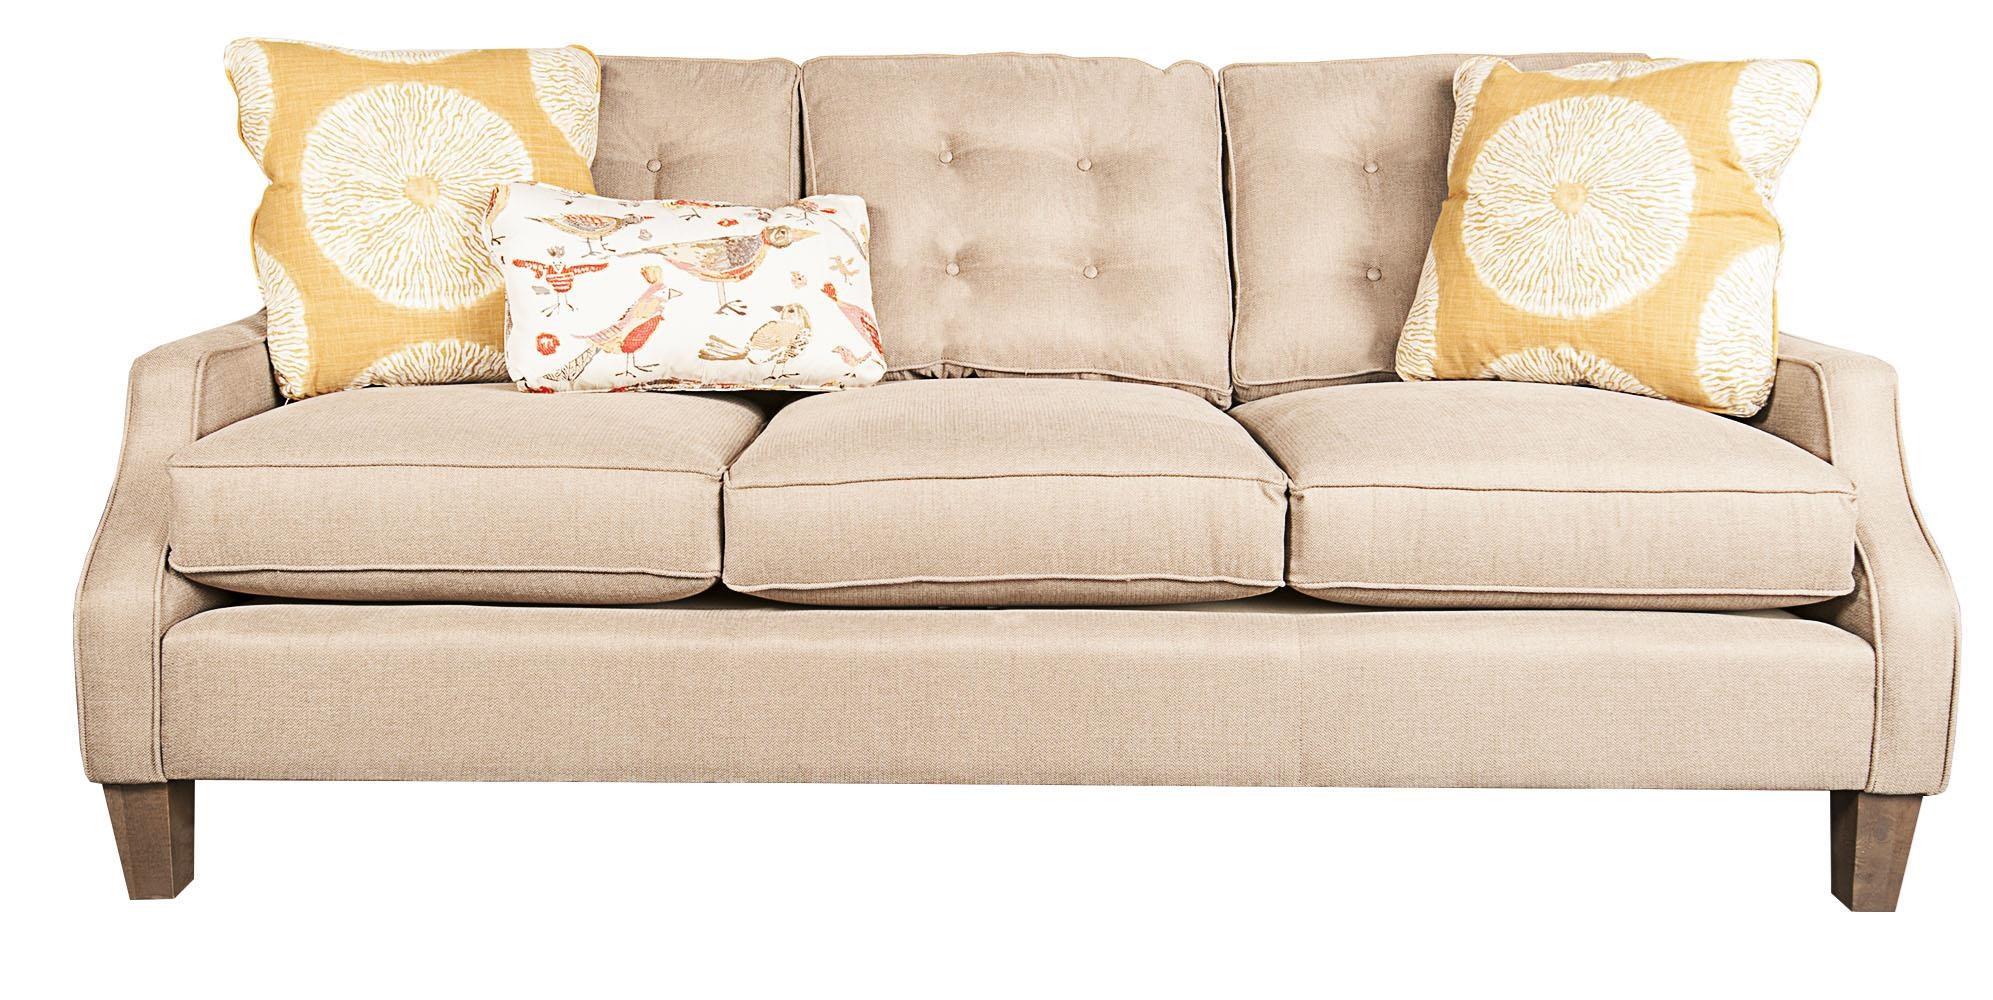 Morris Home Furnishings Soho Soho Sofa - Item Number: 433770531